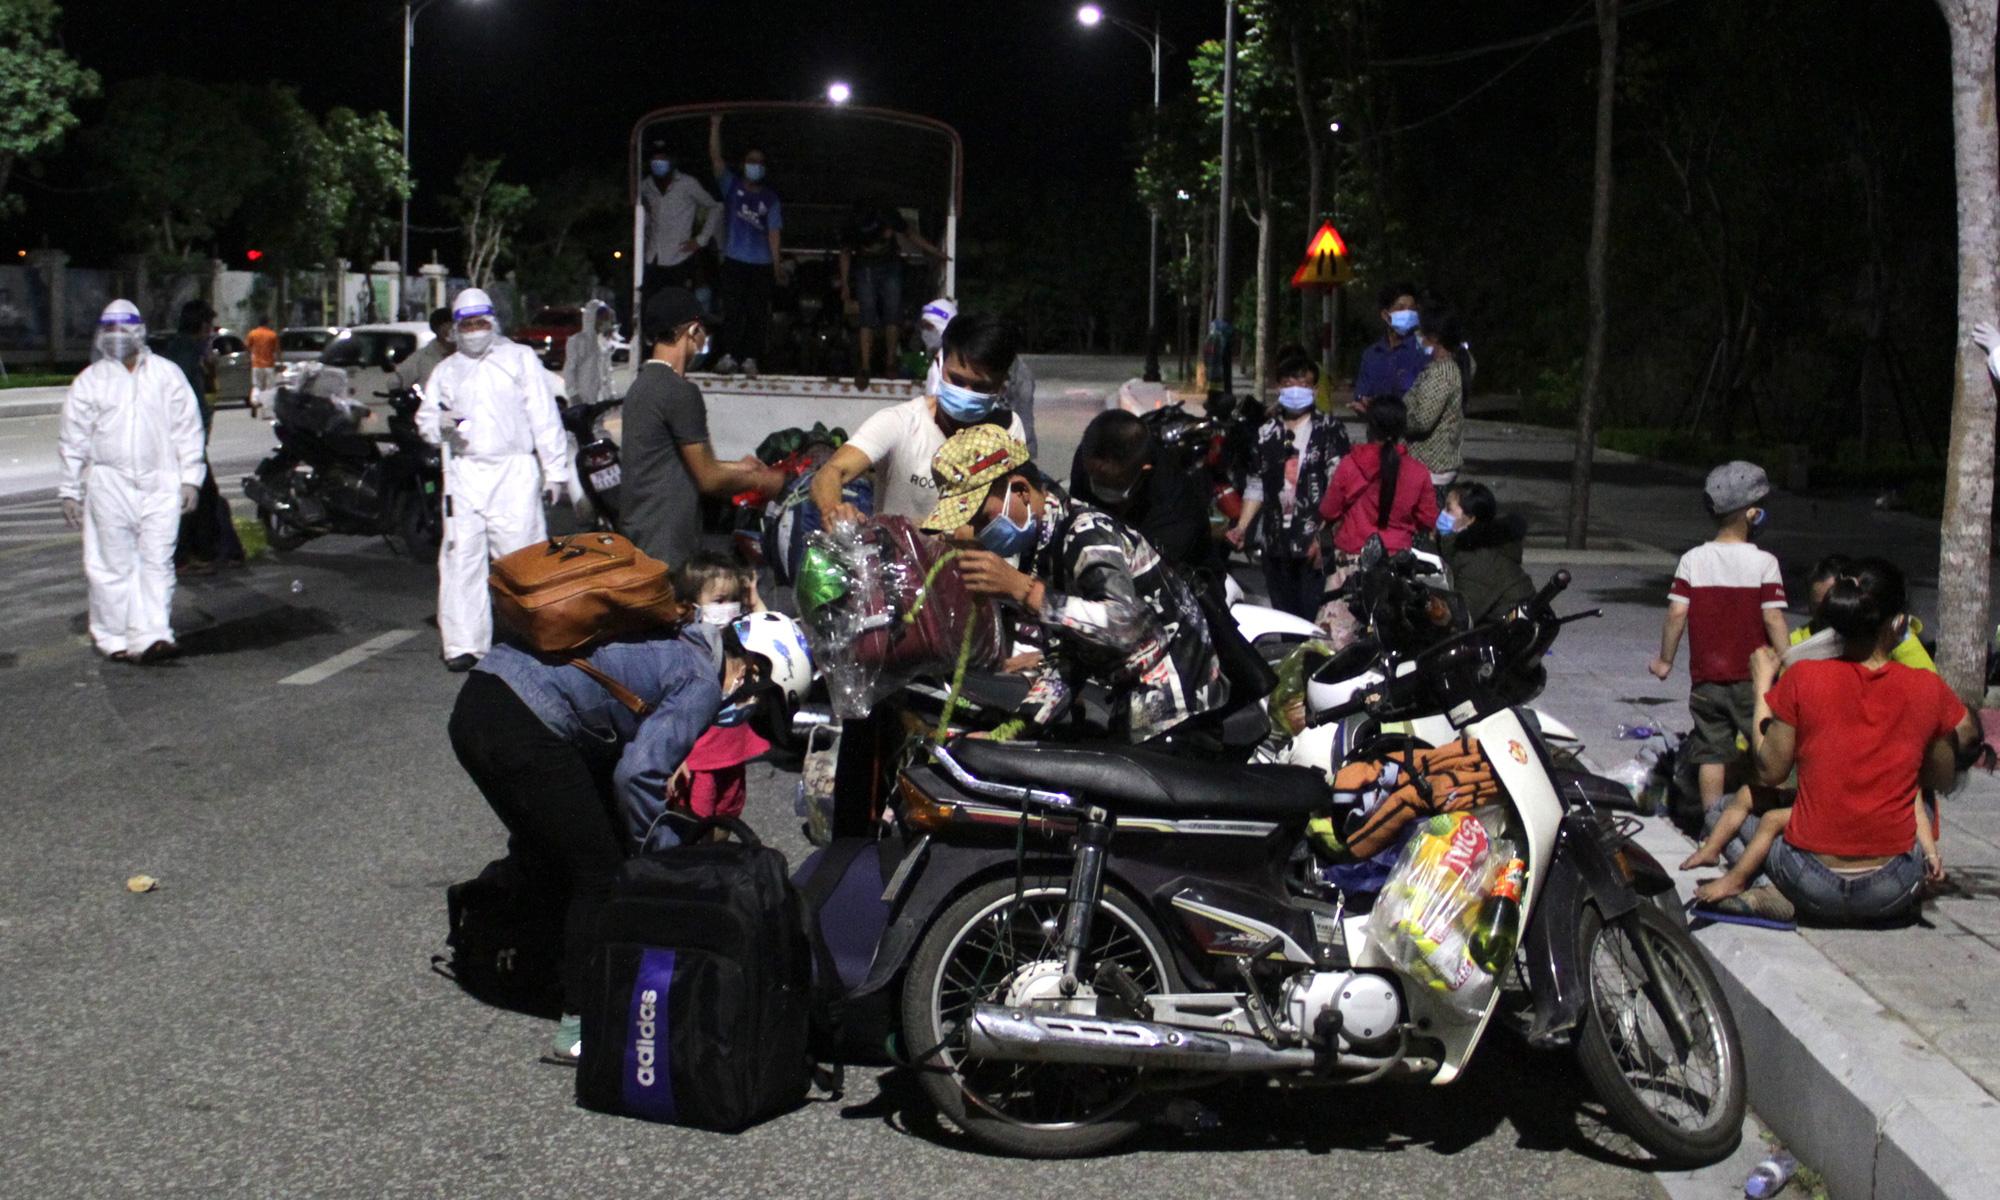 Thương cảnh người dân gục ở vỉa hè, ngủ trên xe máy trong hành trình vượt cả nghìn km về quê trốn dịch Covid-19 - Ảnh 1.